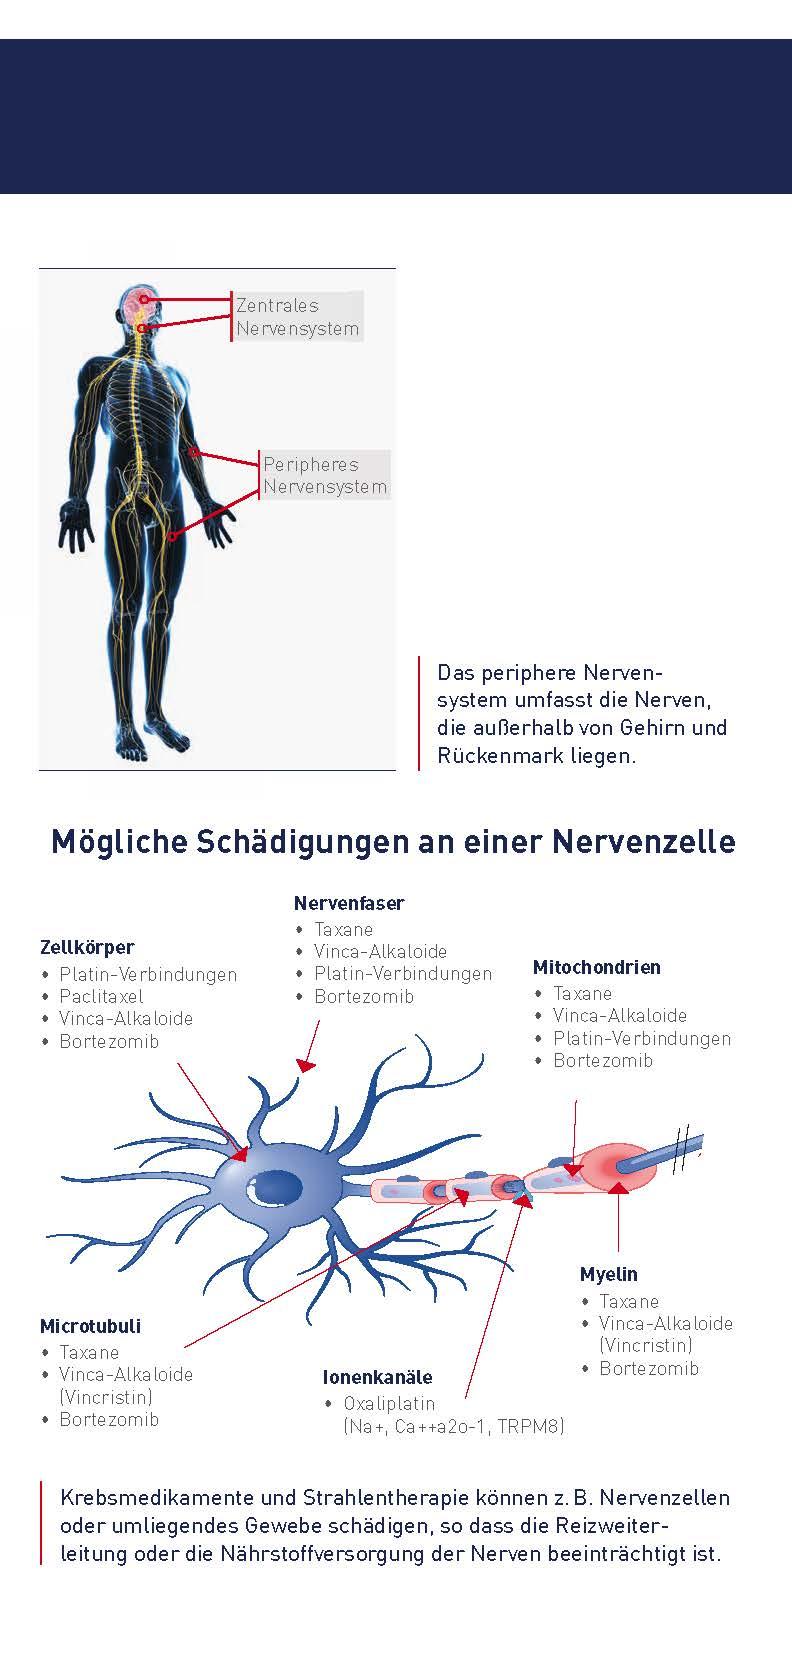 Atemberaubend Das Periphere Nervensystem Umfasst Galerie - Anatomie ...